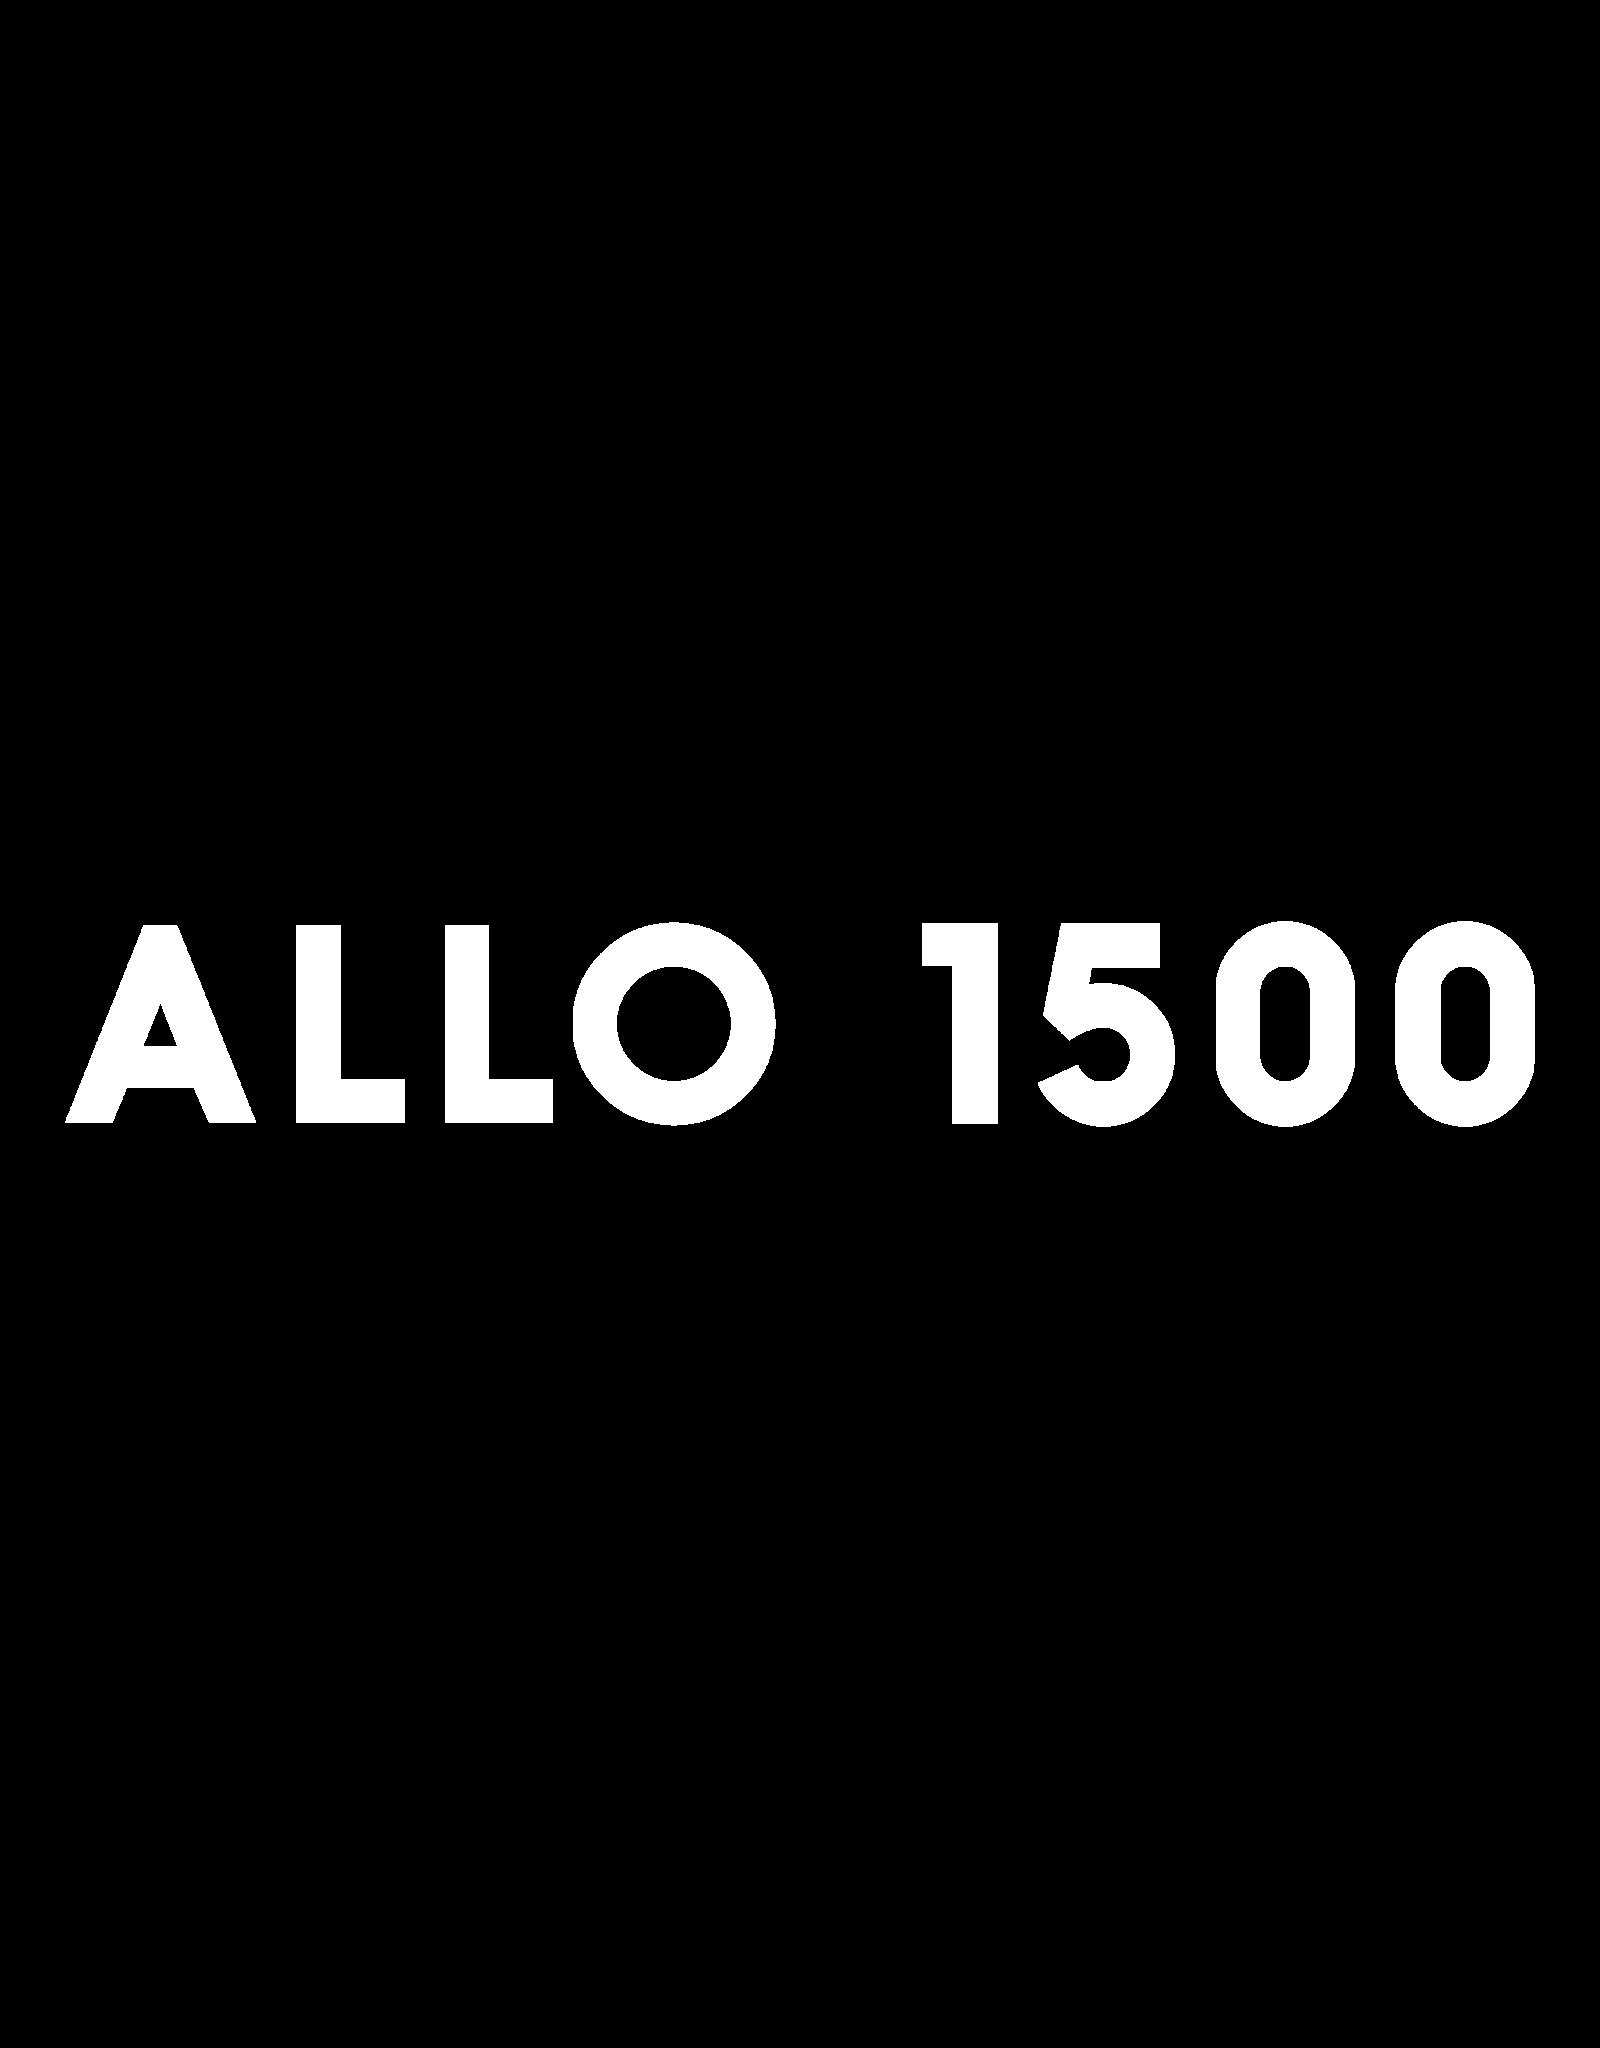 Allo Allo Ultra 1500 Disposable Device (Single)